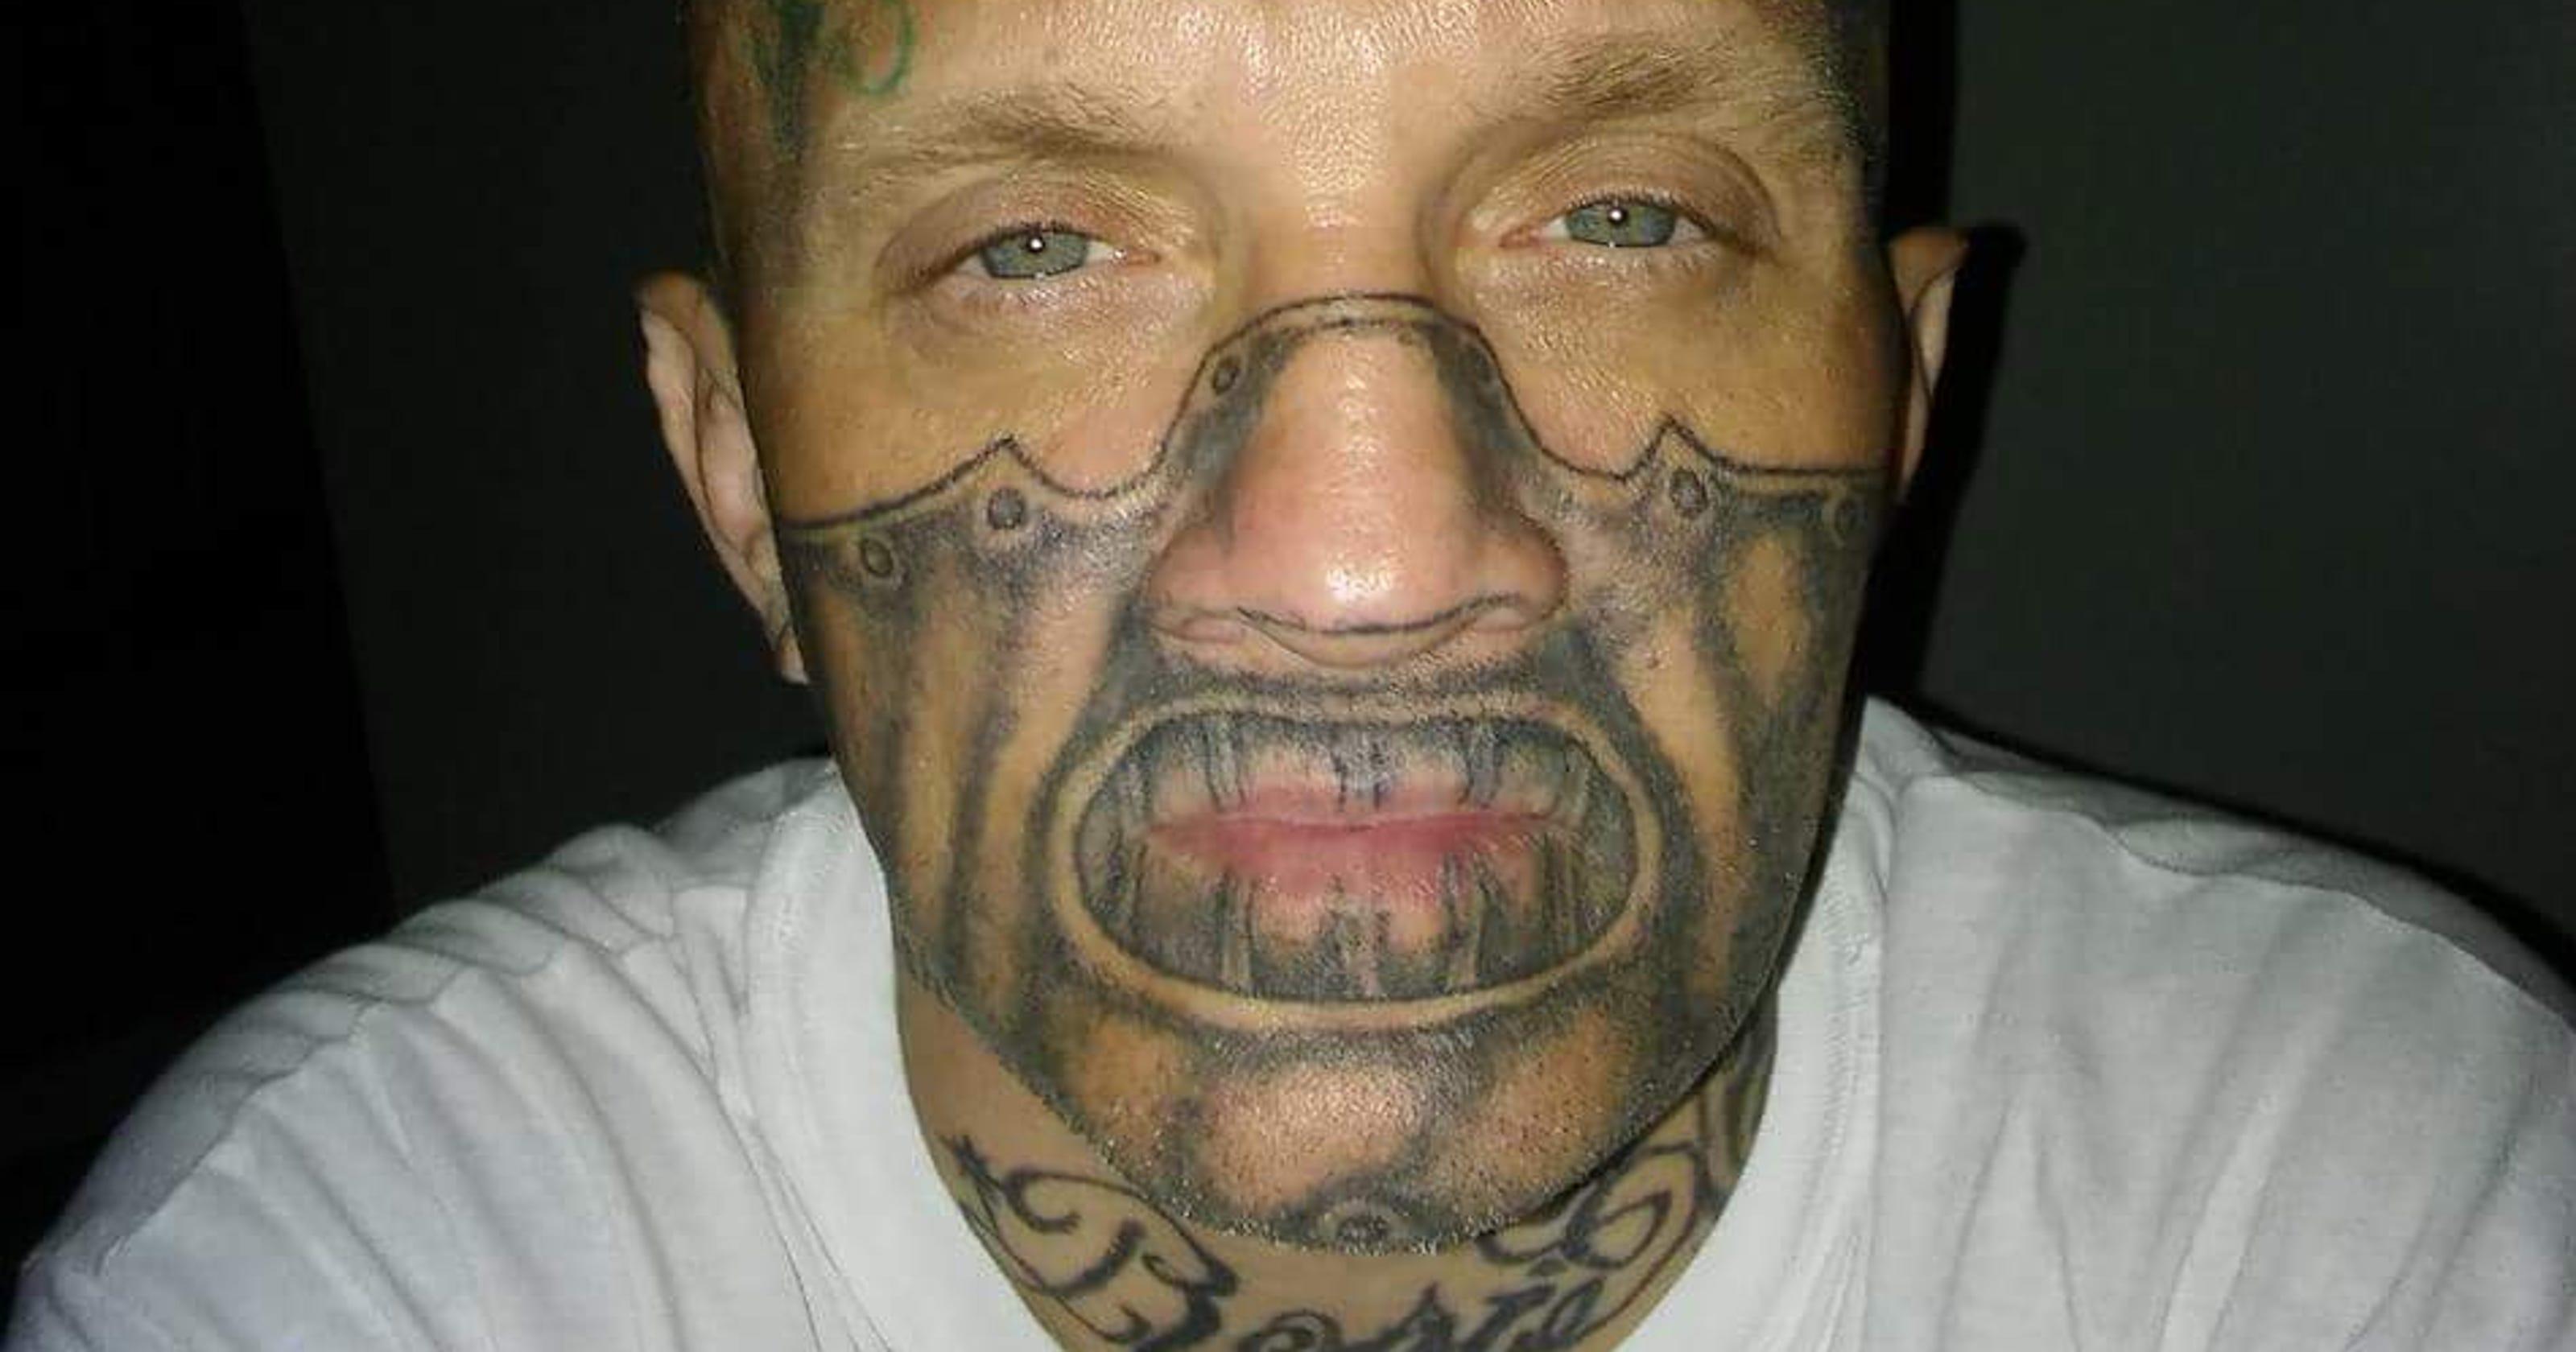 face tattoo man arrested after police posts mug shot